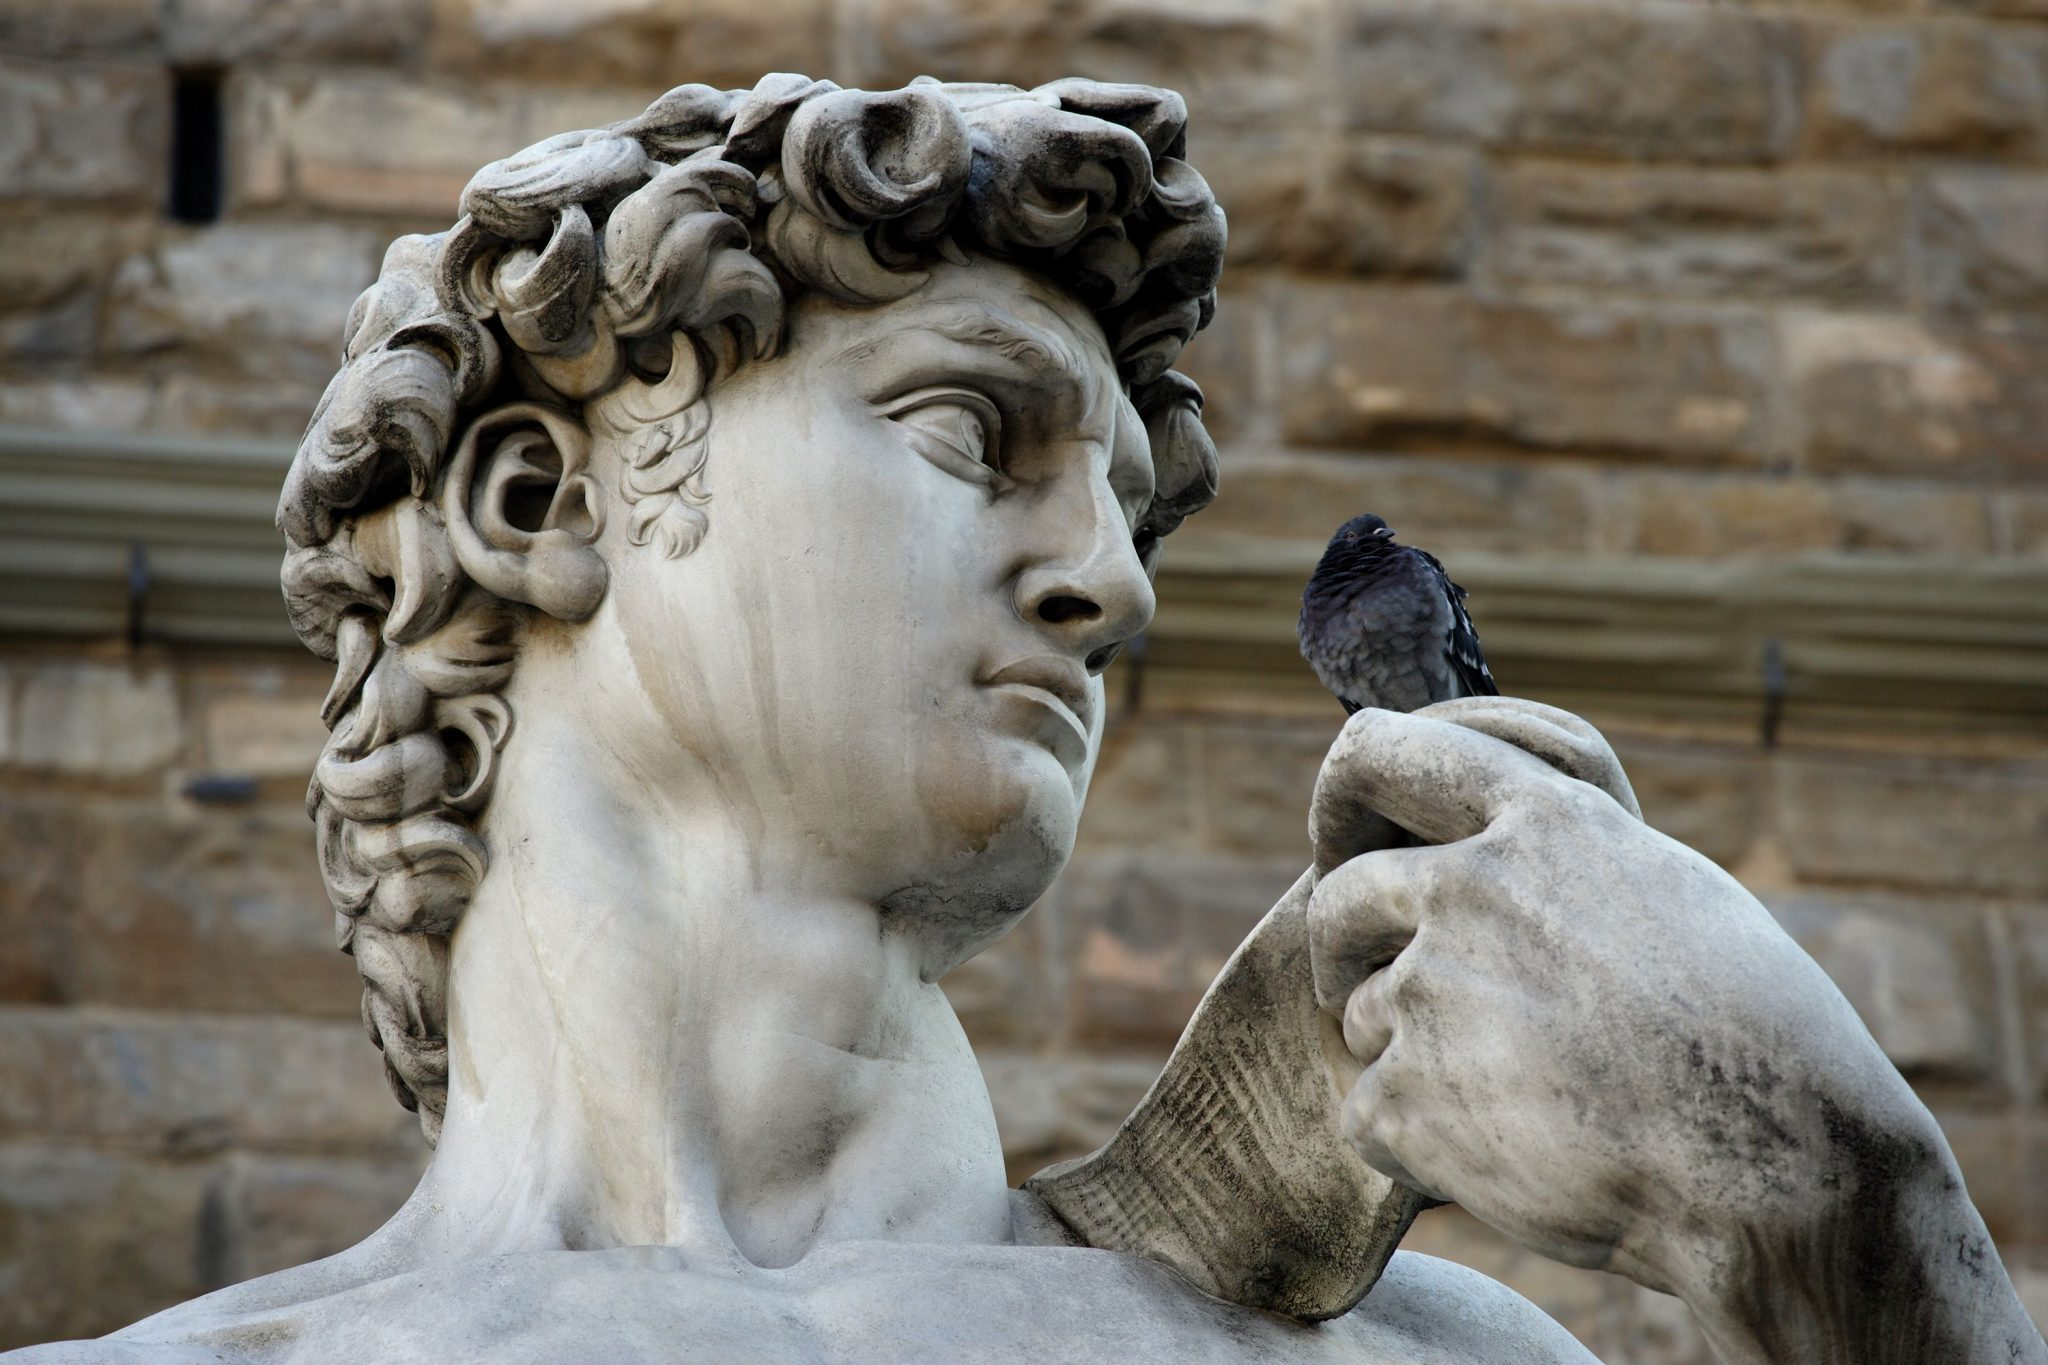 Ο Δαβίδ του Μιχαήλ Αγγέλου, Γκαλερία ντελ' Ακαντέμια, Φλωρεντία, Ιταλία, Ευρώπη